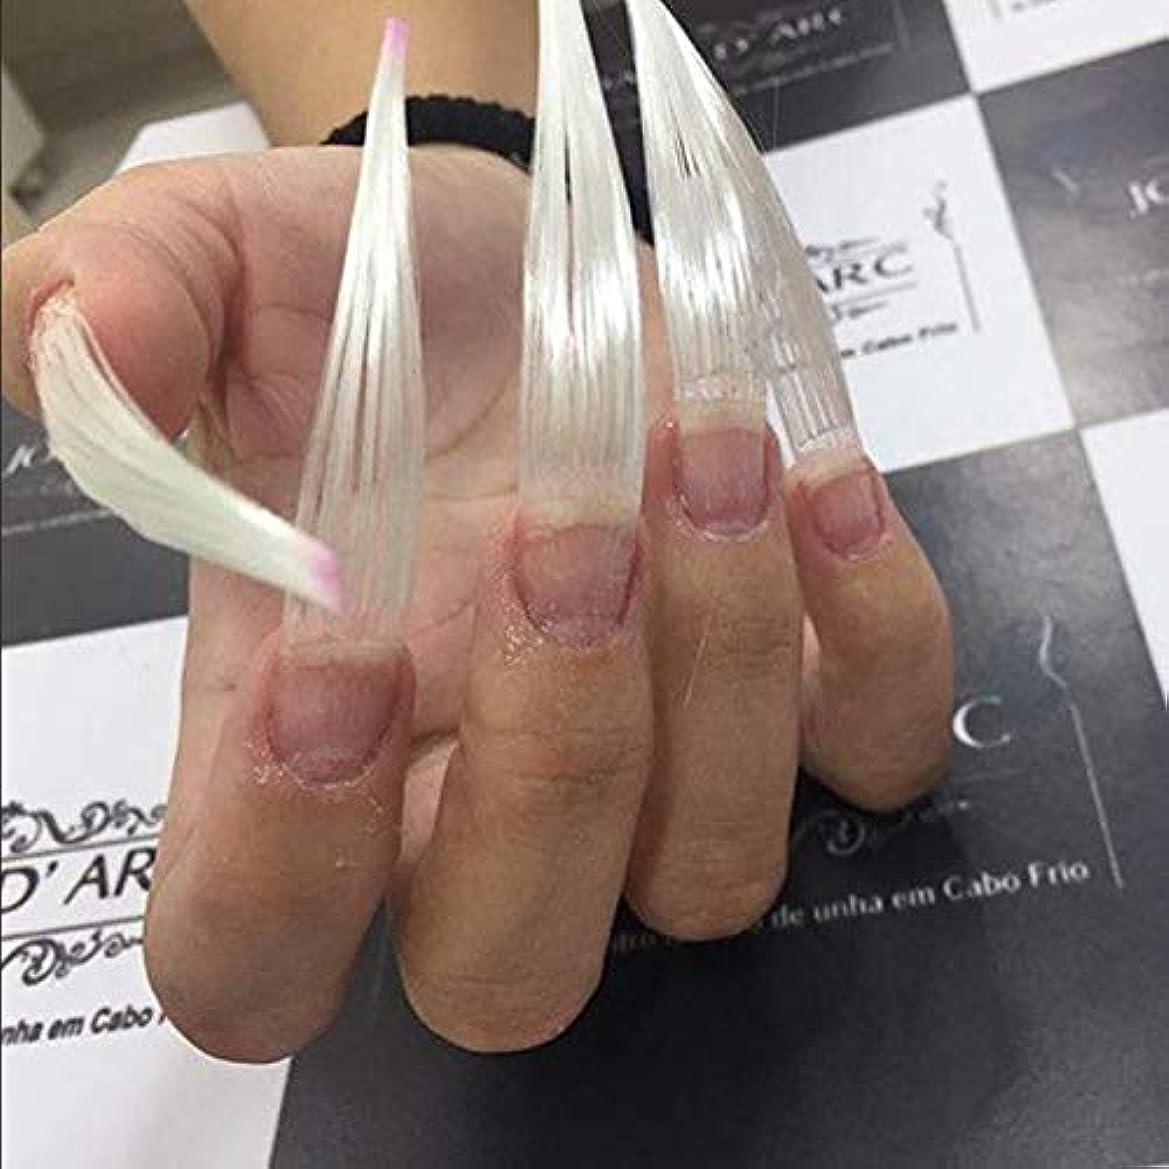 ガス強制震えるMaxbei 50枚入りネイルエクステンション用グラスファイバー 延長繊維ネイル 及び 5個入り爪のクリップ ネイルアートツール